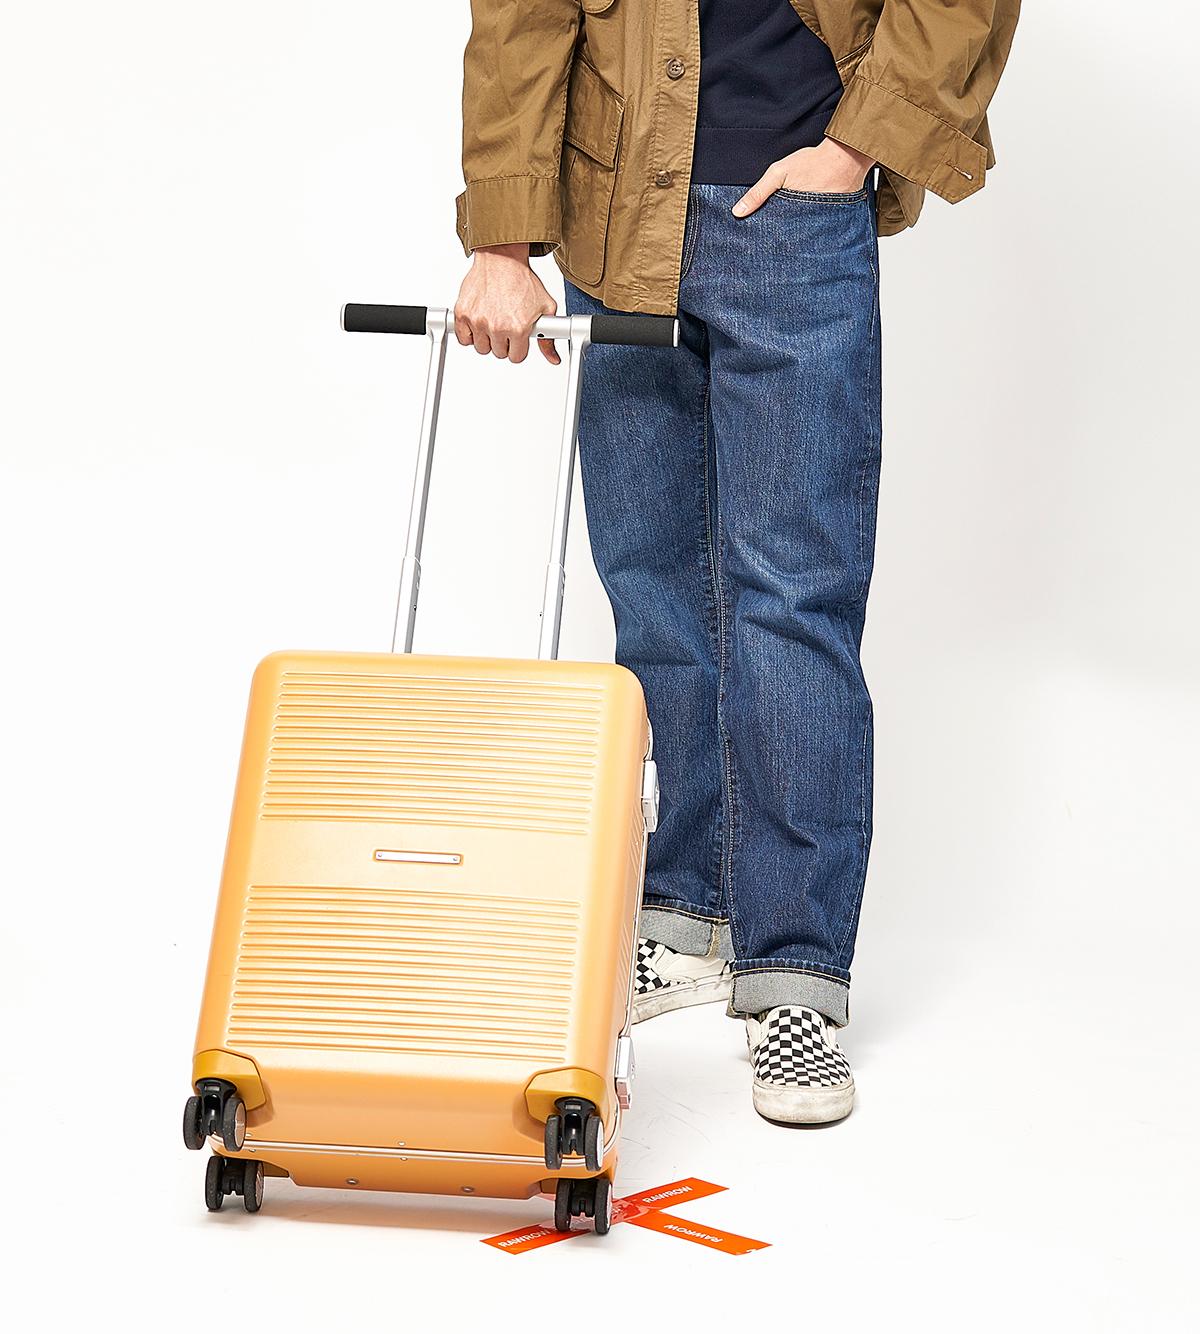 国内旅行、海外旅行、ビジネス、留学、出張、長期滞在に。気の利く設計であなたの旅路に寄り添うスーツケース(37L・1〜2泊・機内持ち込みサイズ)|RAWROW